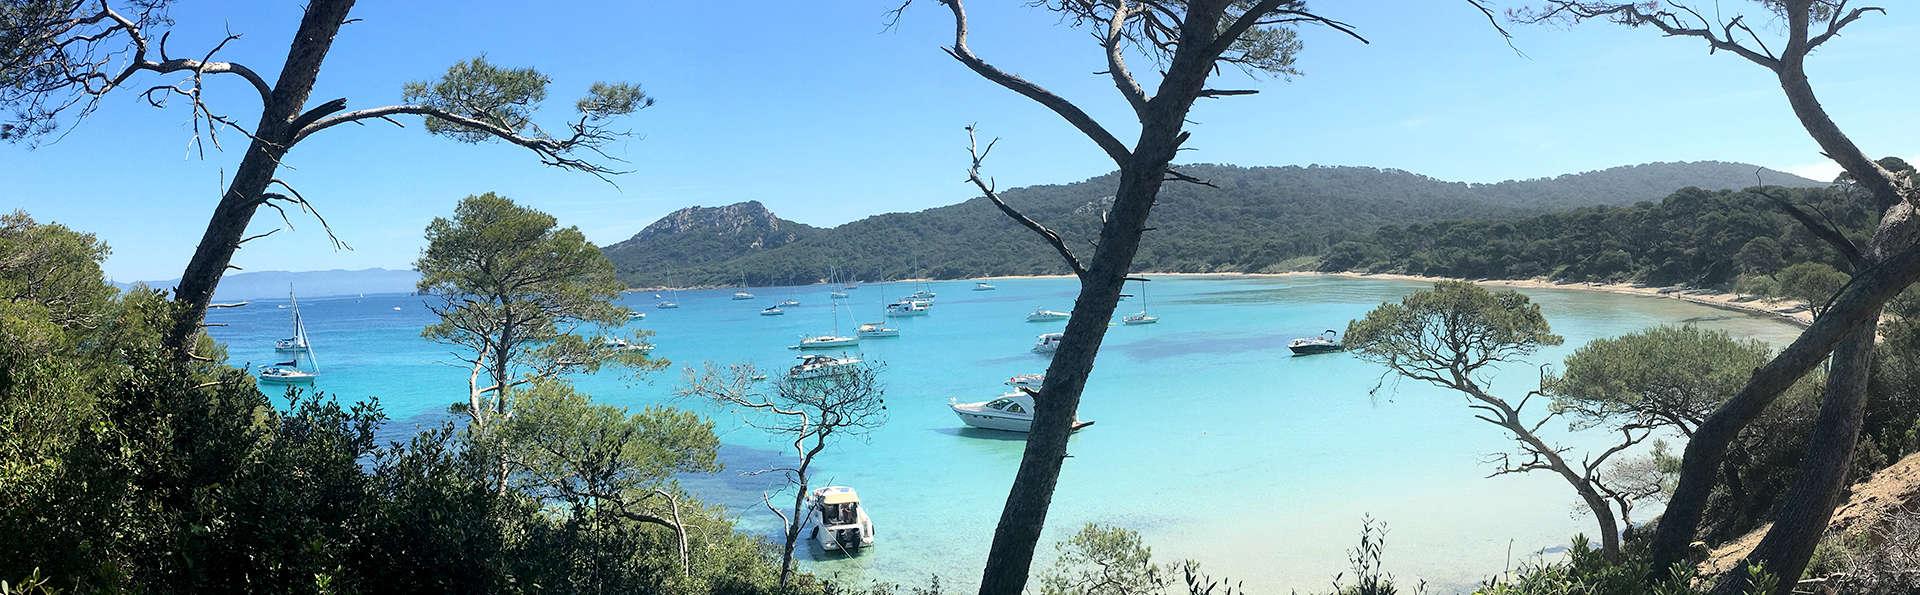 Brise marine et découverte de l'île de Porquerolles